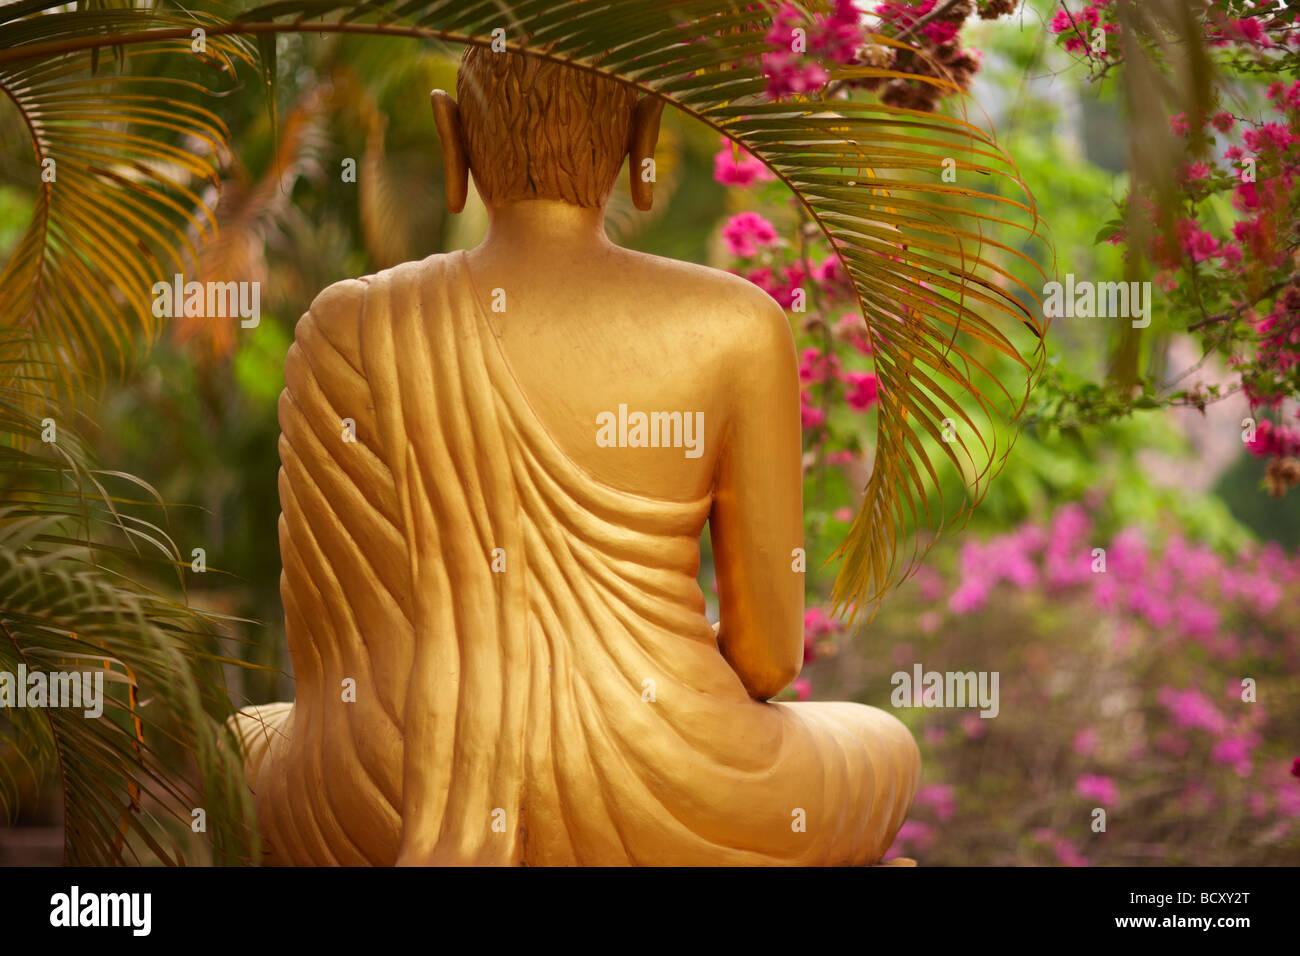 a statue of Buddha in a garden, Luang Prabang, Laos - Stock Image